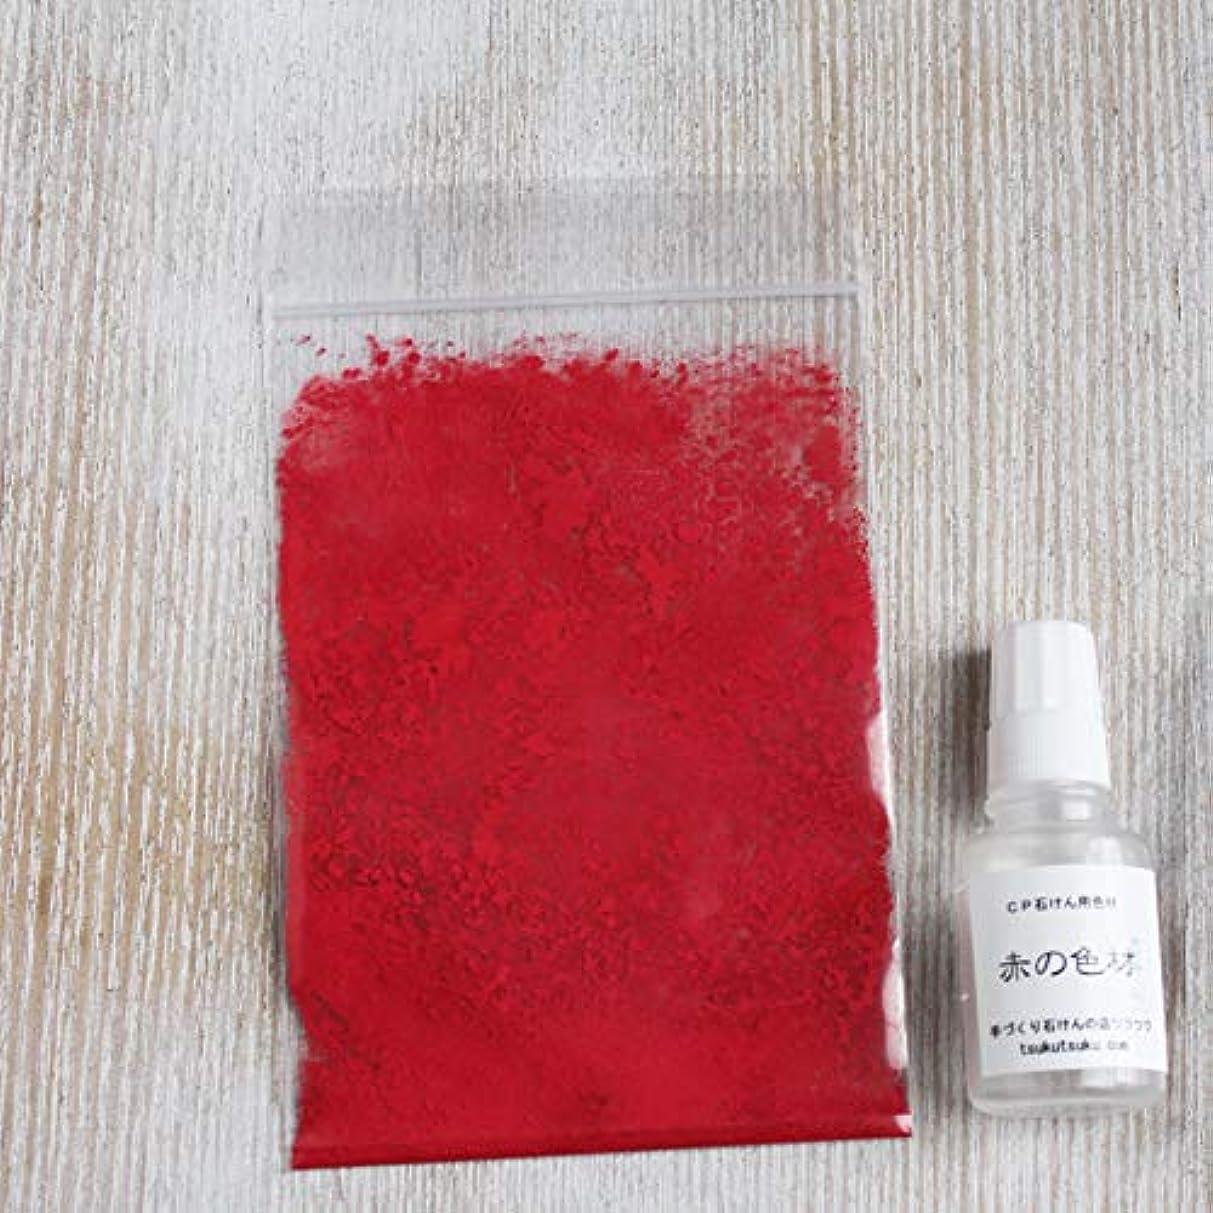 全く飢饉ゴネリルCP石けん用色材 赤の色材キット/手作り石けん?手作り化粧品材料